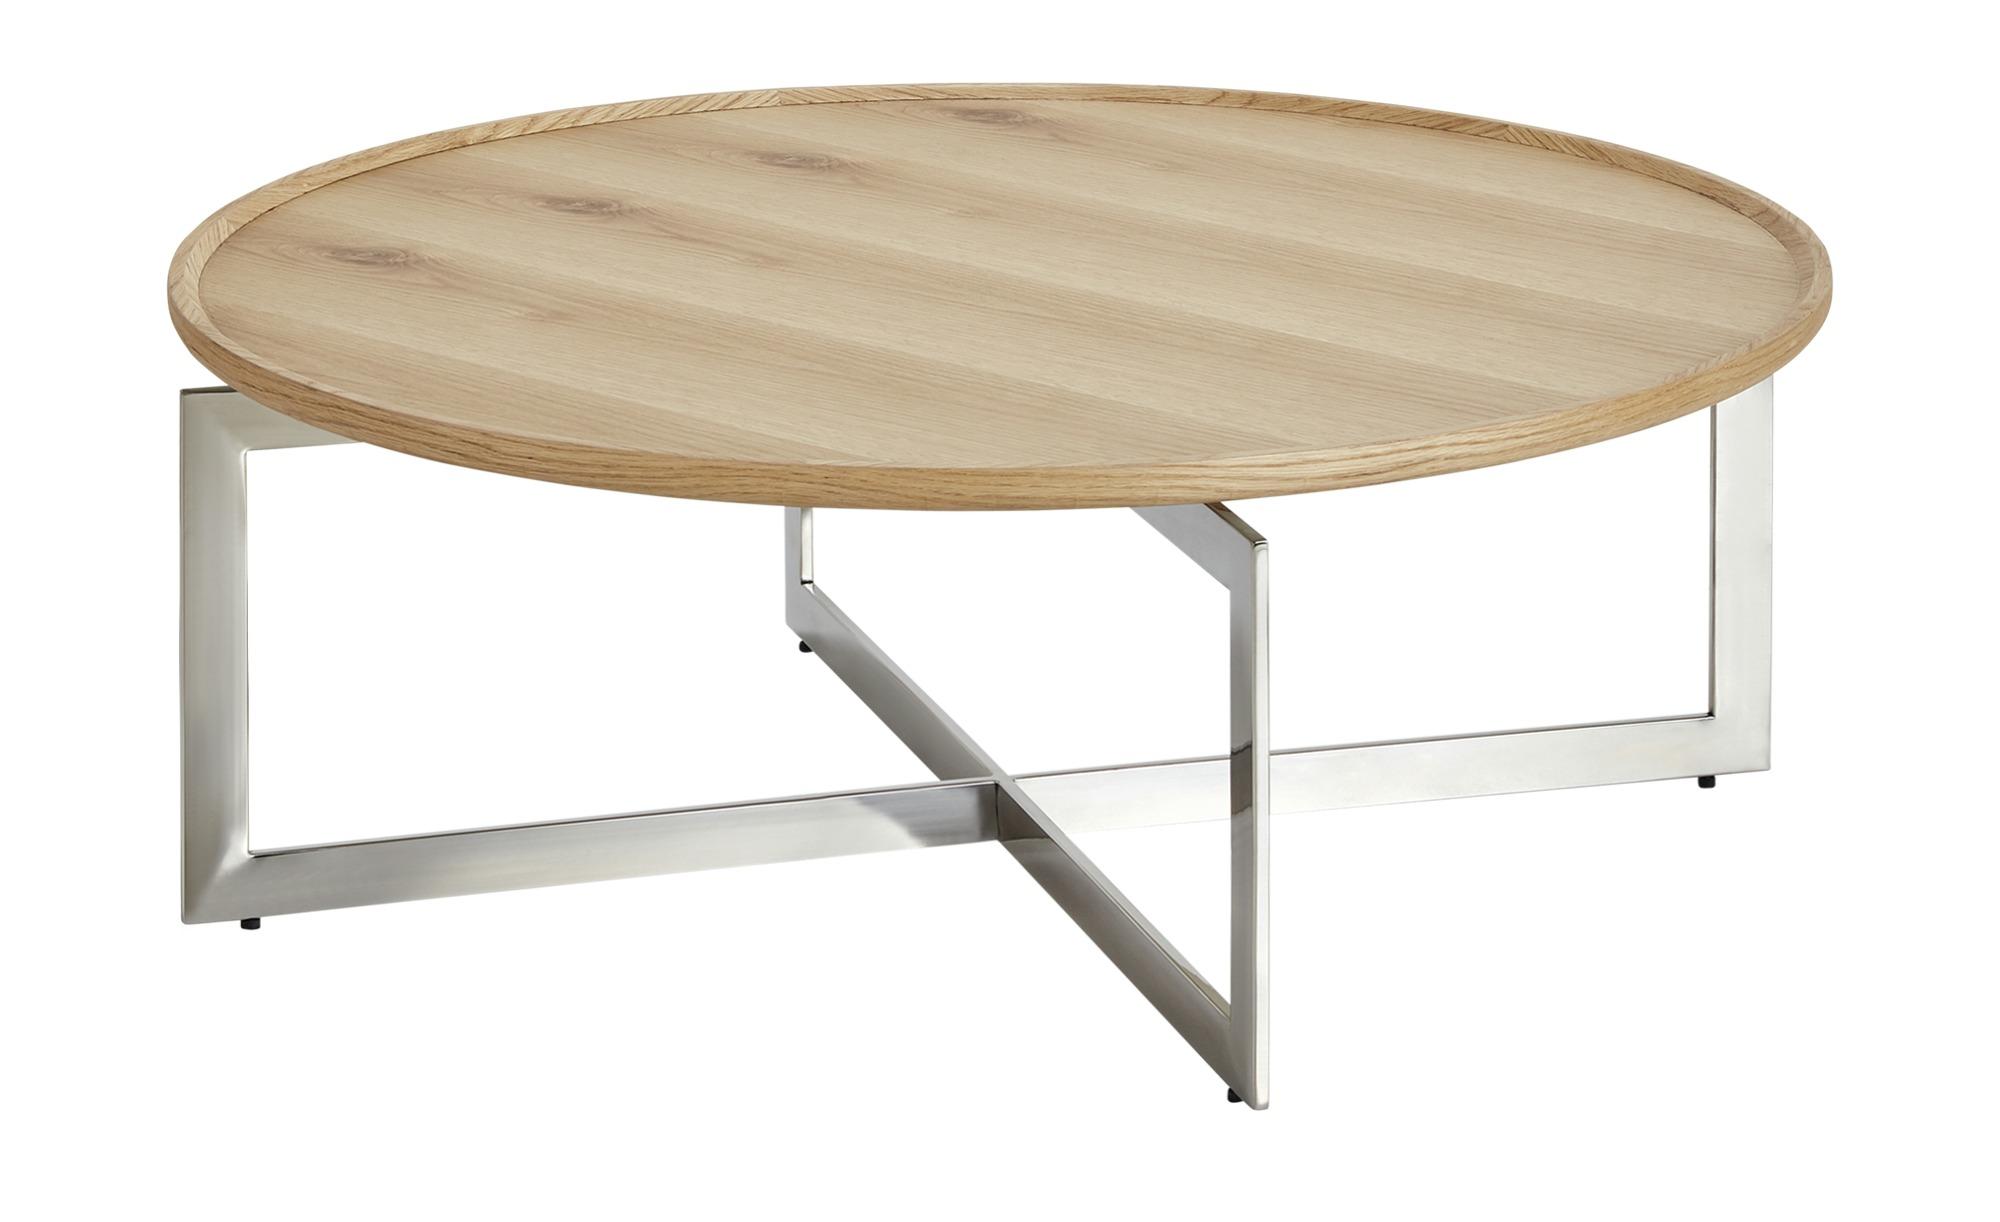 Couchtisch  Gion I ¦ Maße (cm): H: 38 Ø: 100 Tische > Couchtische > Couchtische rund - Höffner